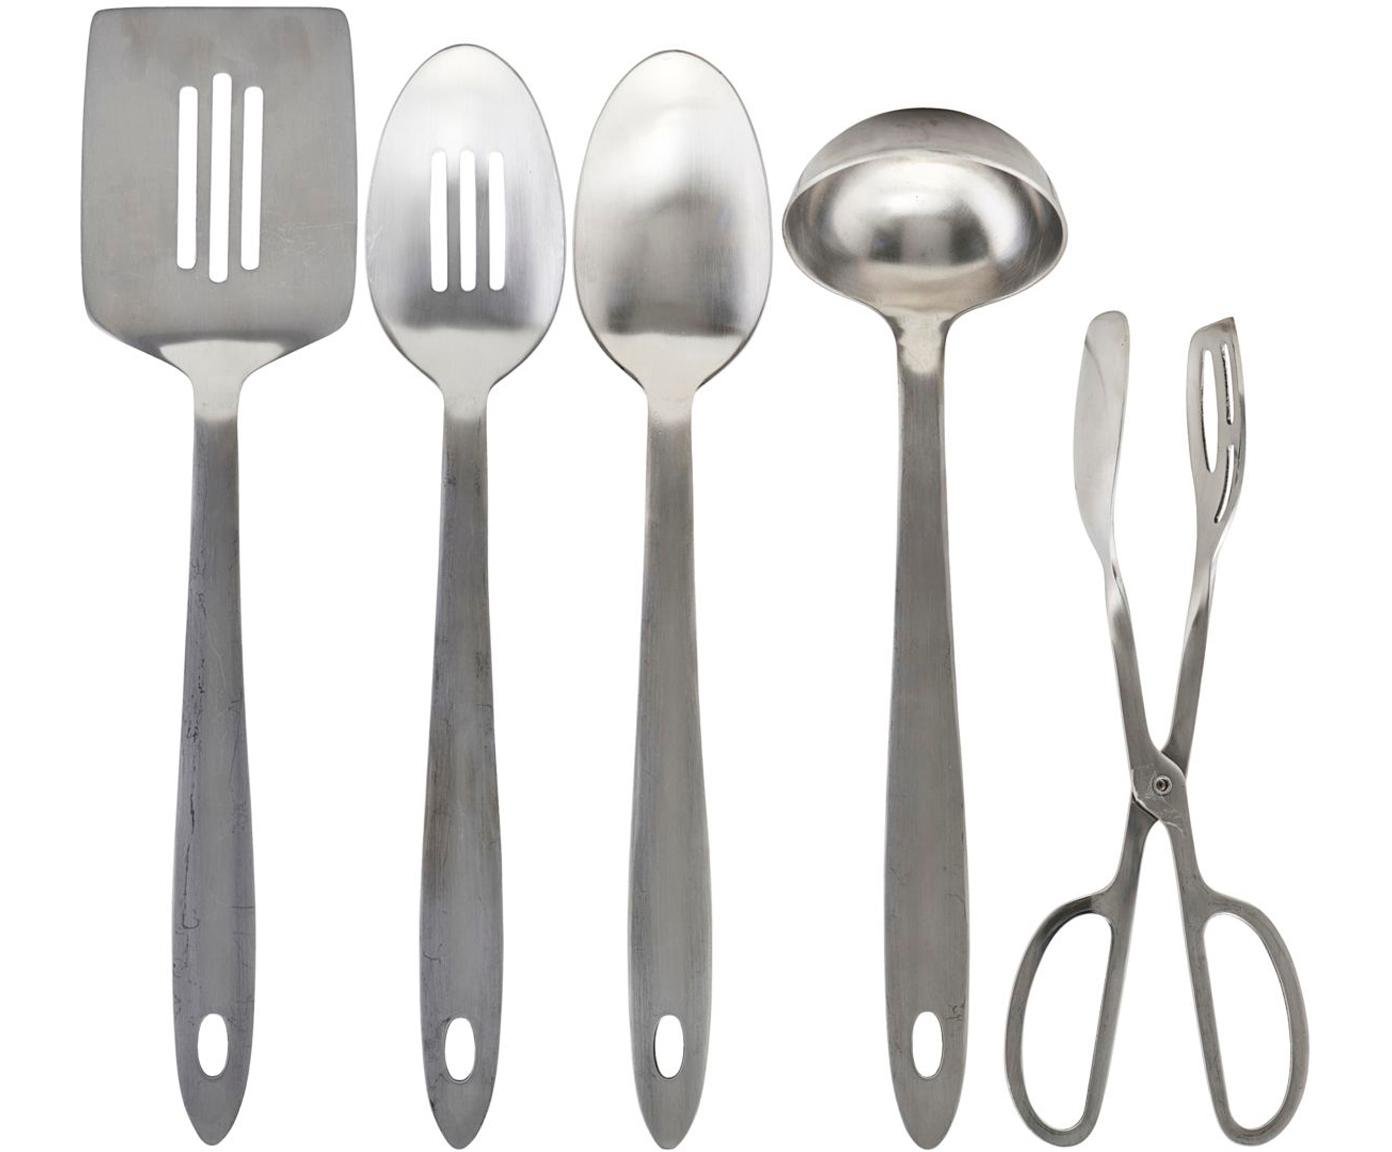 Set 5 utensili da cucina Take, Acciaio inossidabile, Argentato, Diverse dimensioni